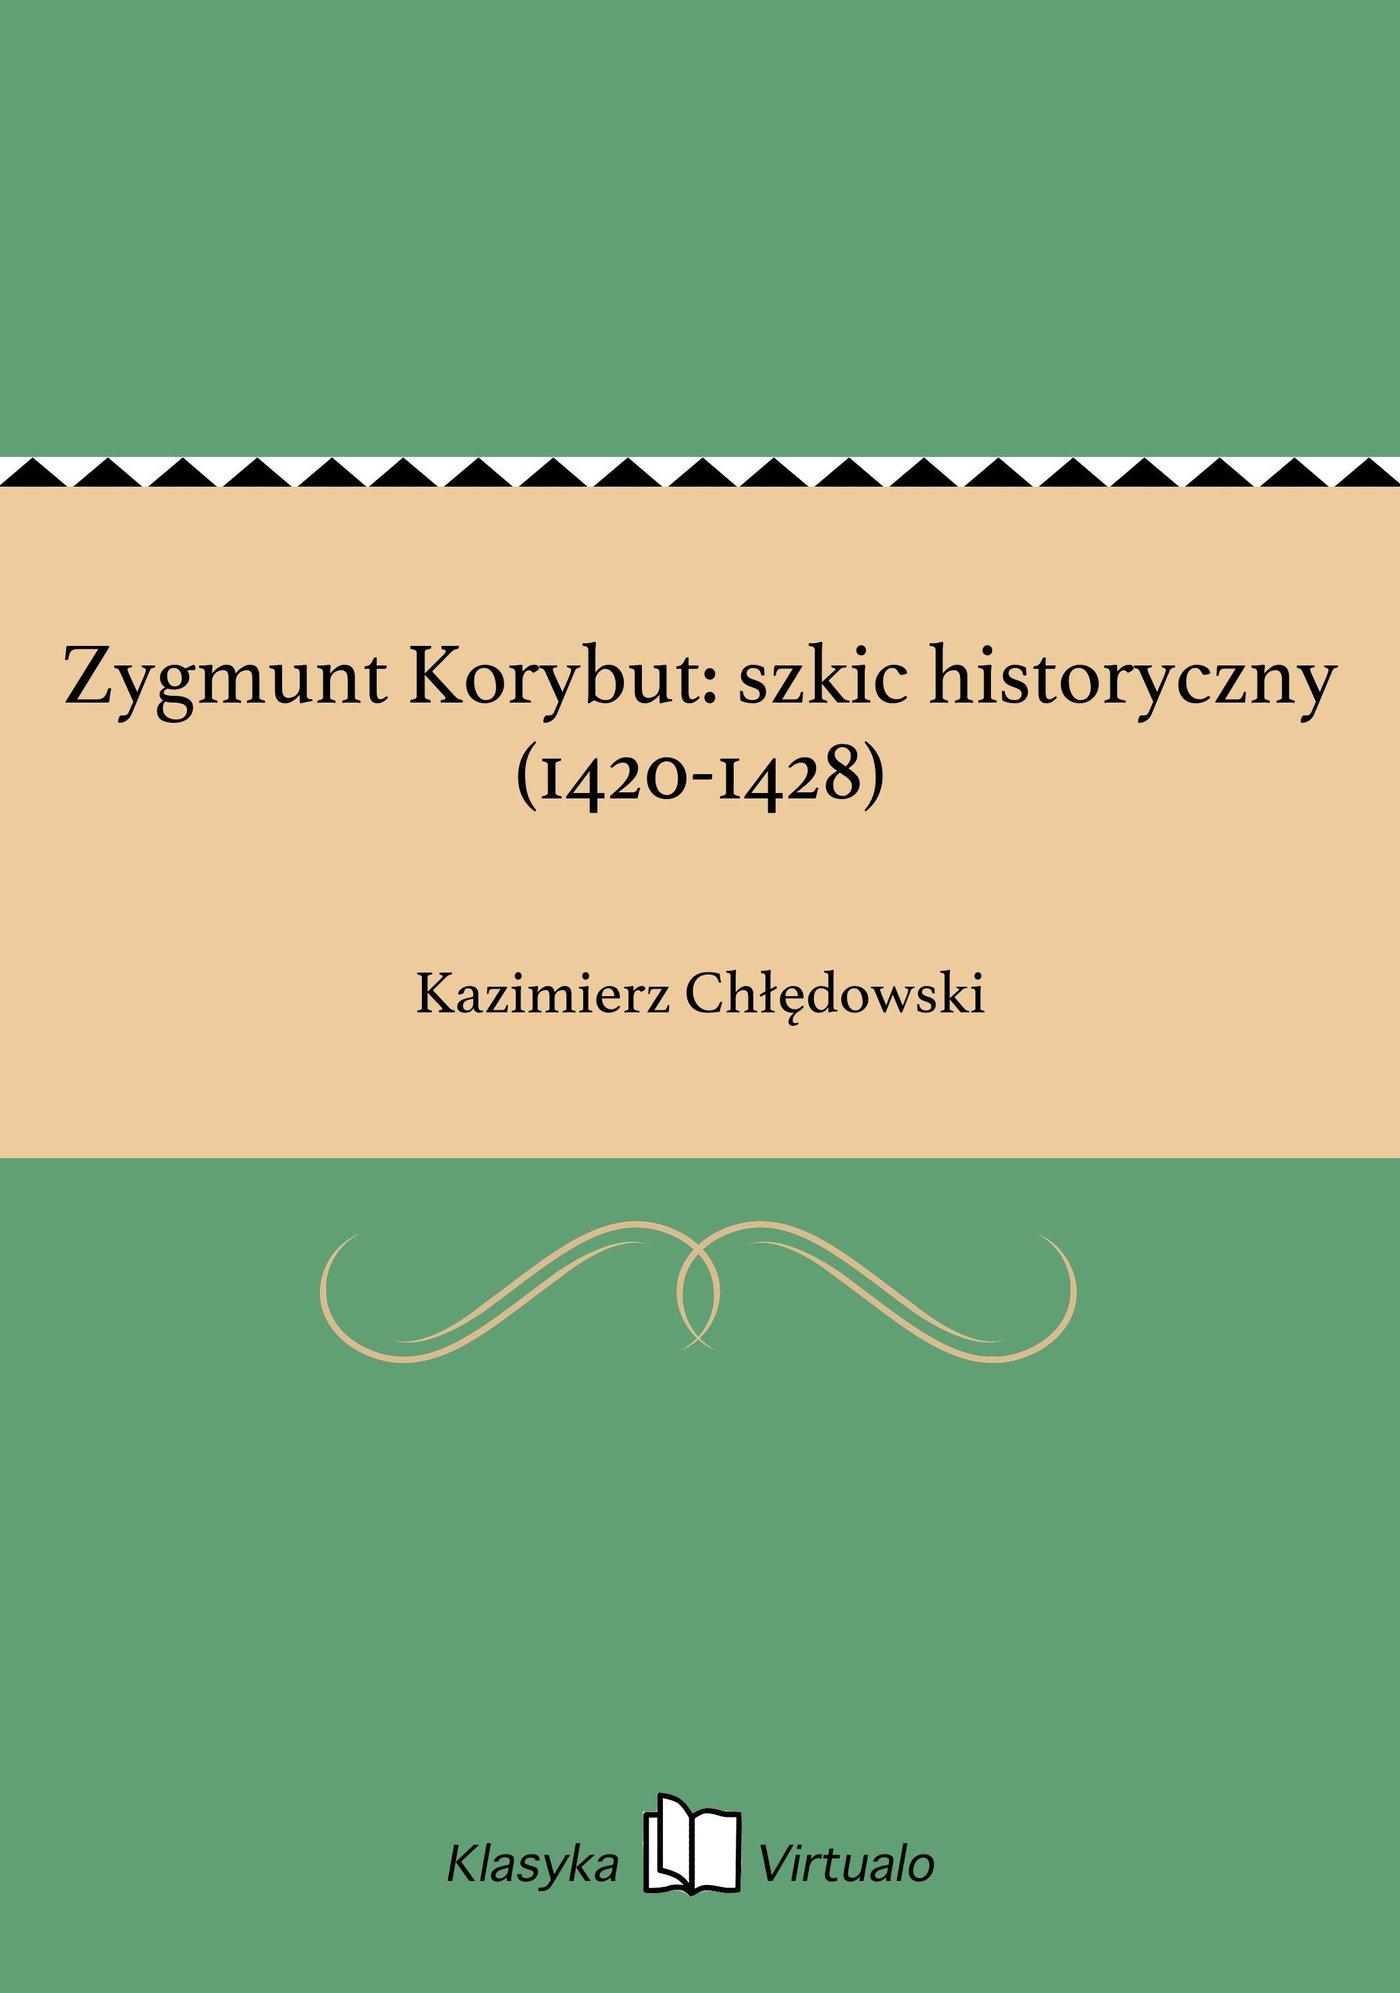 Zygmunt Korybut: szkic historyczny (1420-1428) - Ebook (Książka EPUB) do pobrania w formacie EPUB